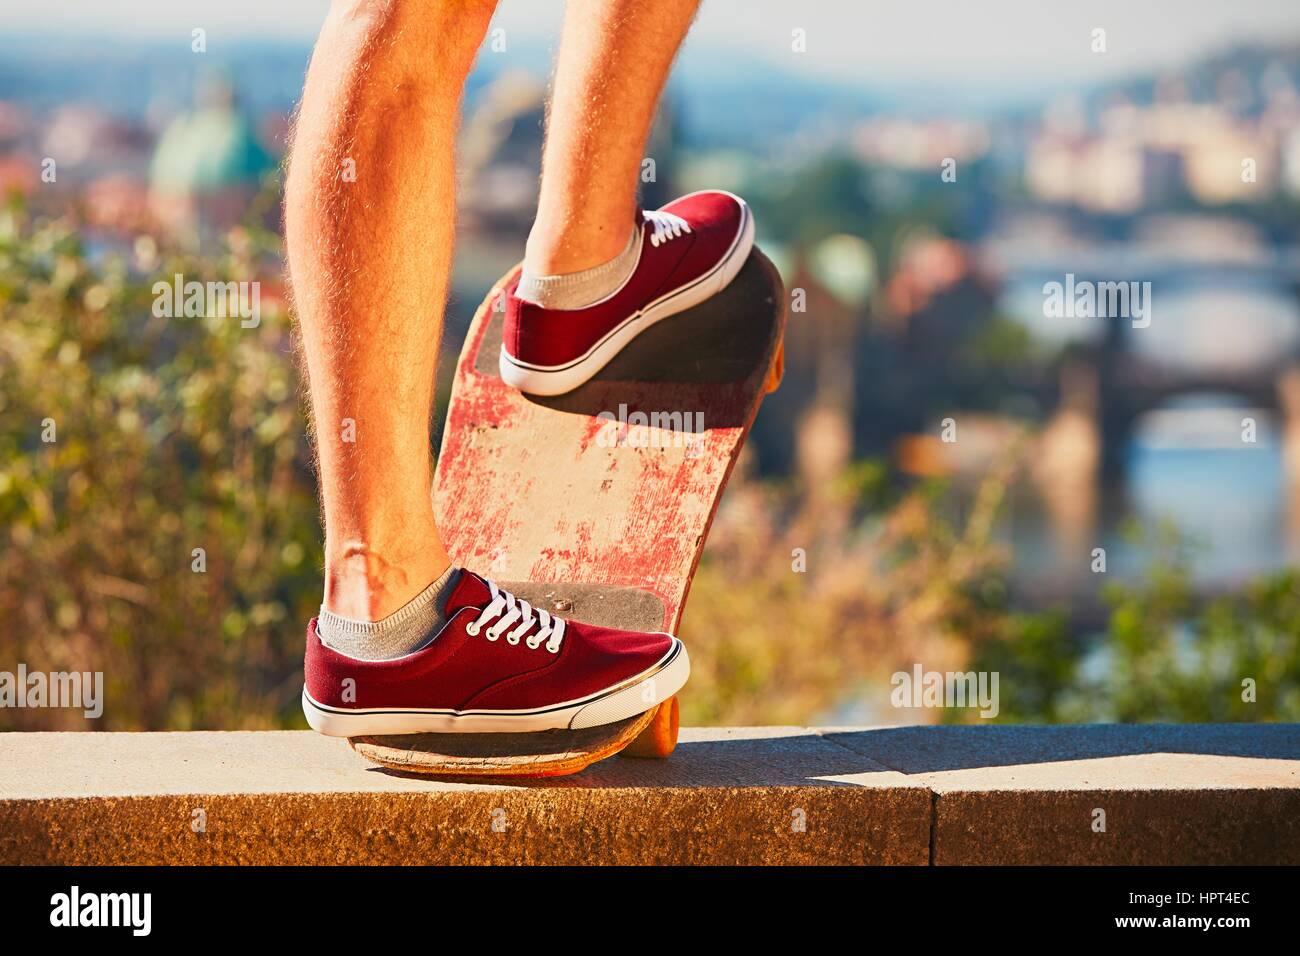 Giovane guidatore di skateboard è cavalcare sullo skateboard in città. Praga, Repubblica Ceca. Immagini Stock